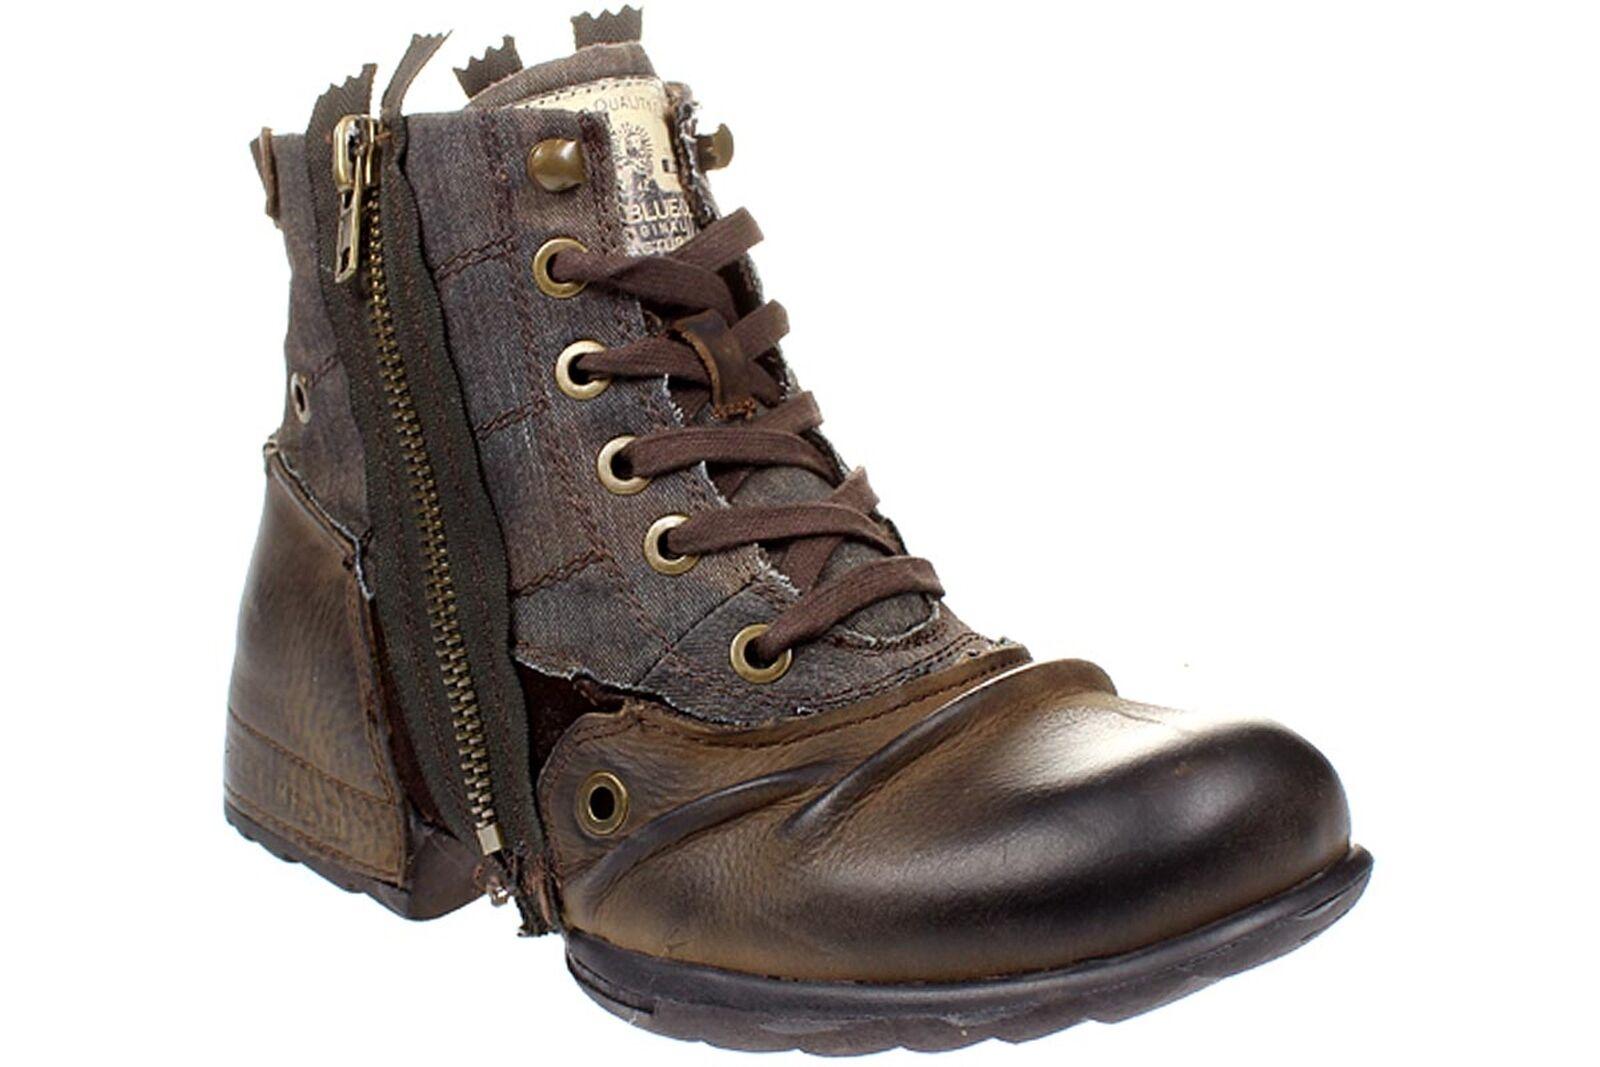 Descuento de la marca Replay gmu01-c0003l clutch Sopo-CABALLERO zapatos botas/botas - 817